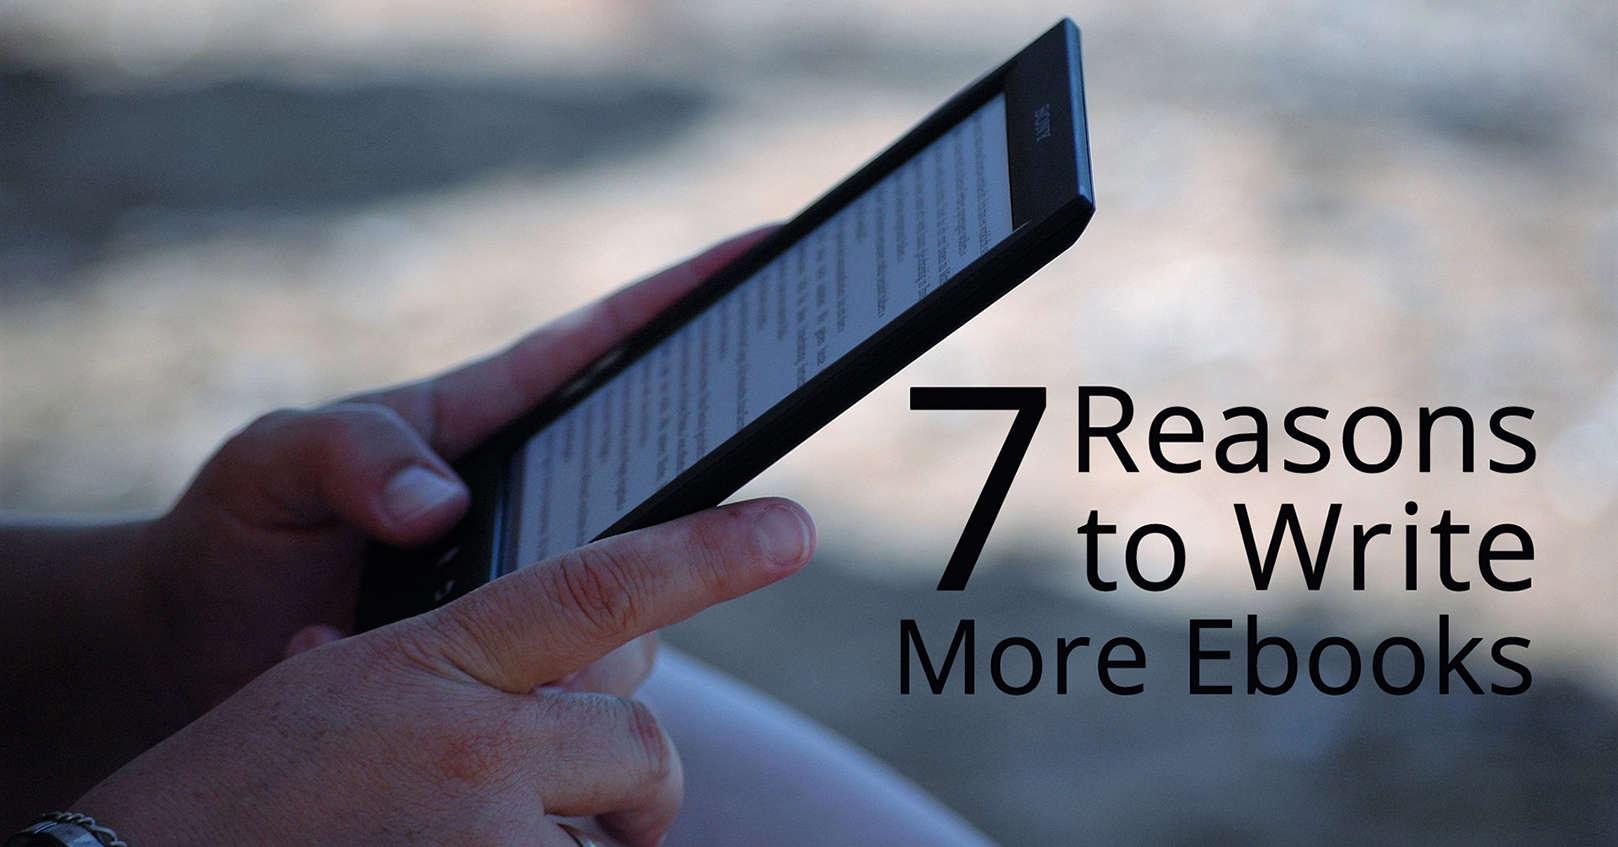 reasons to write more ebooks